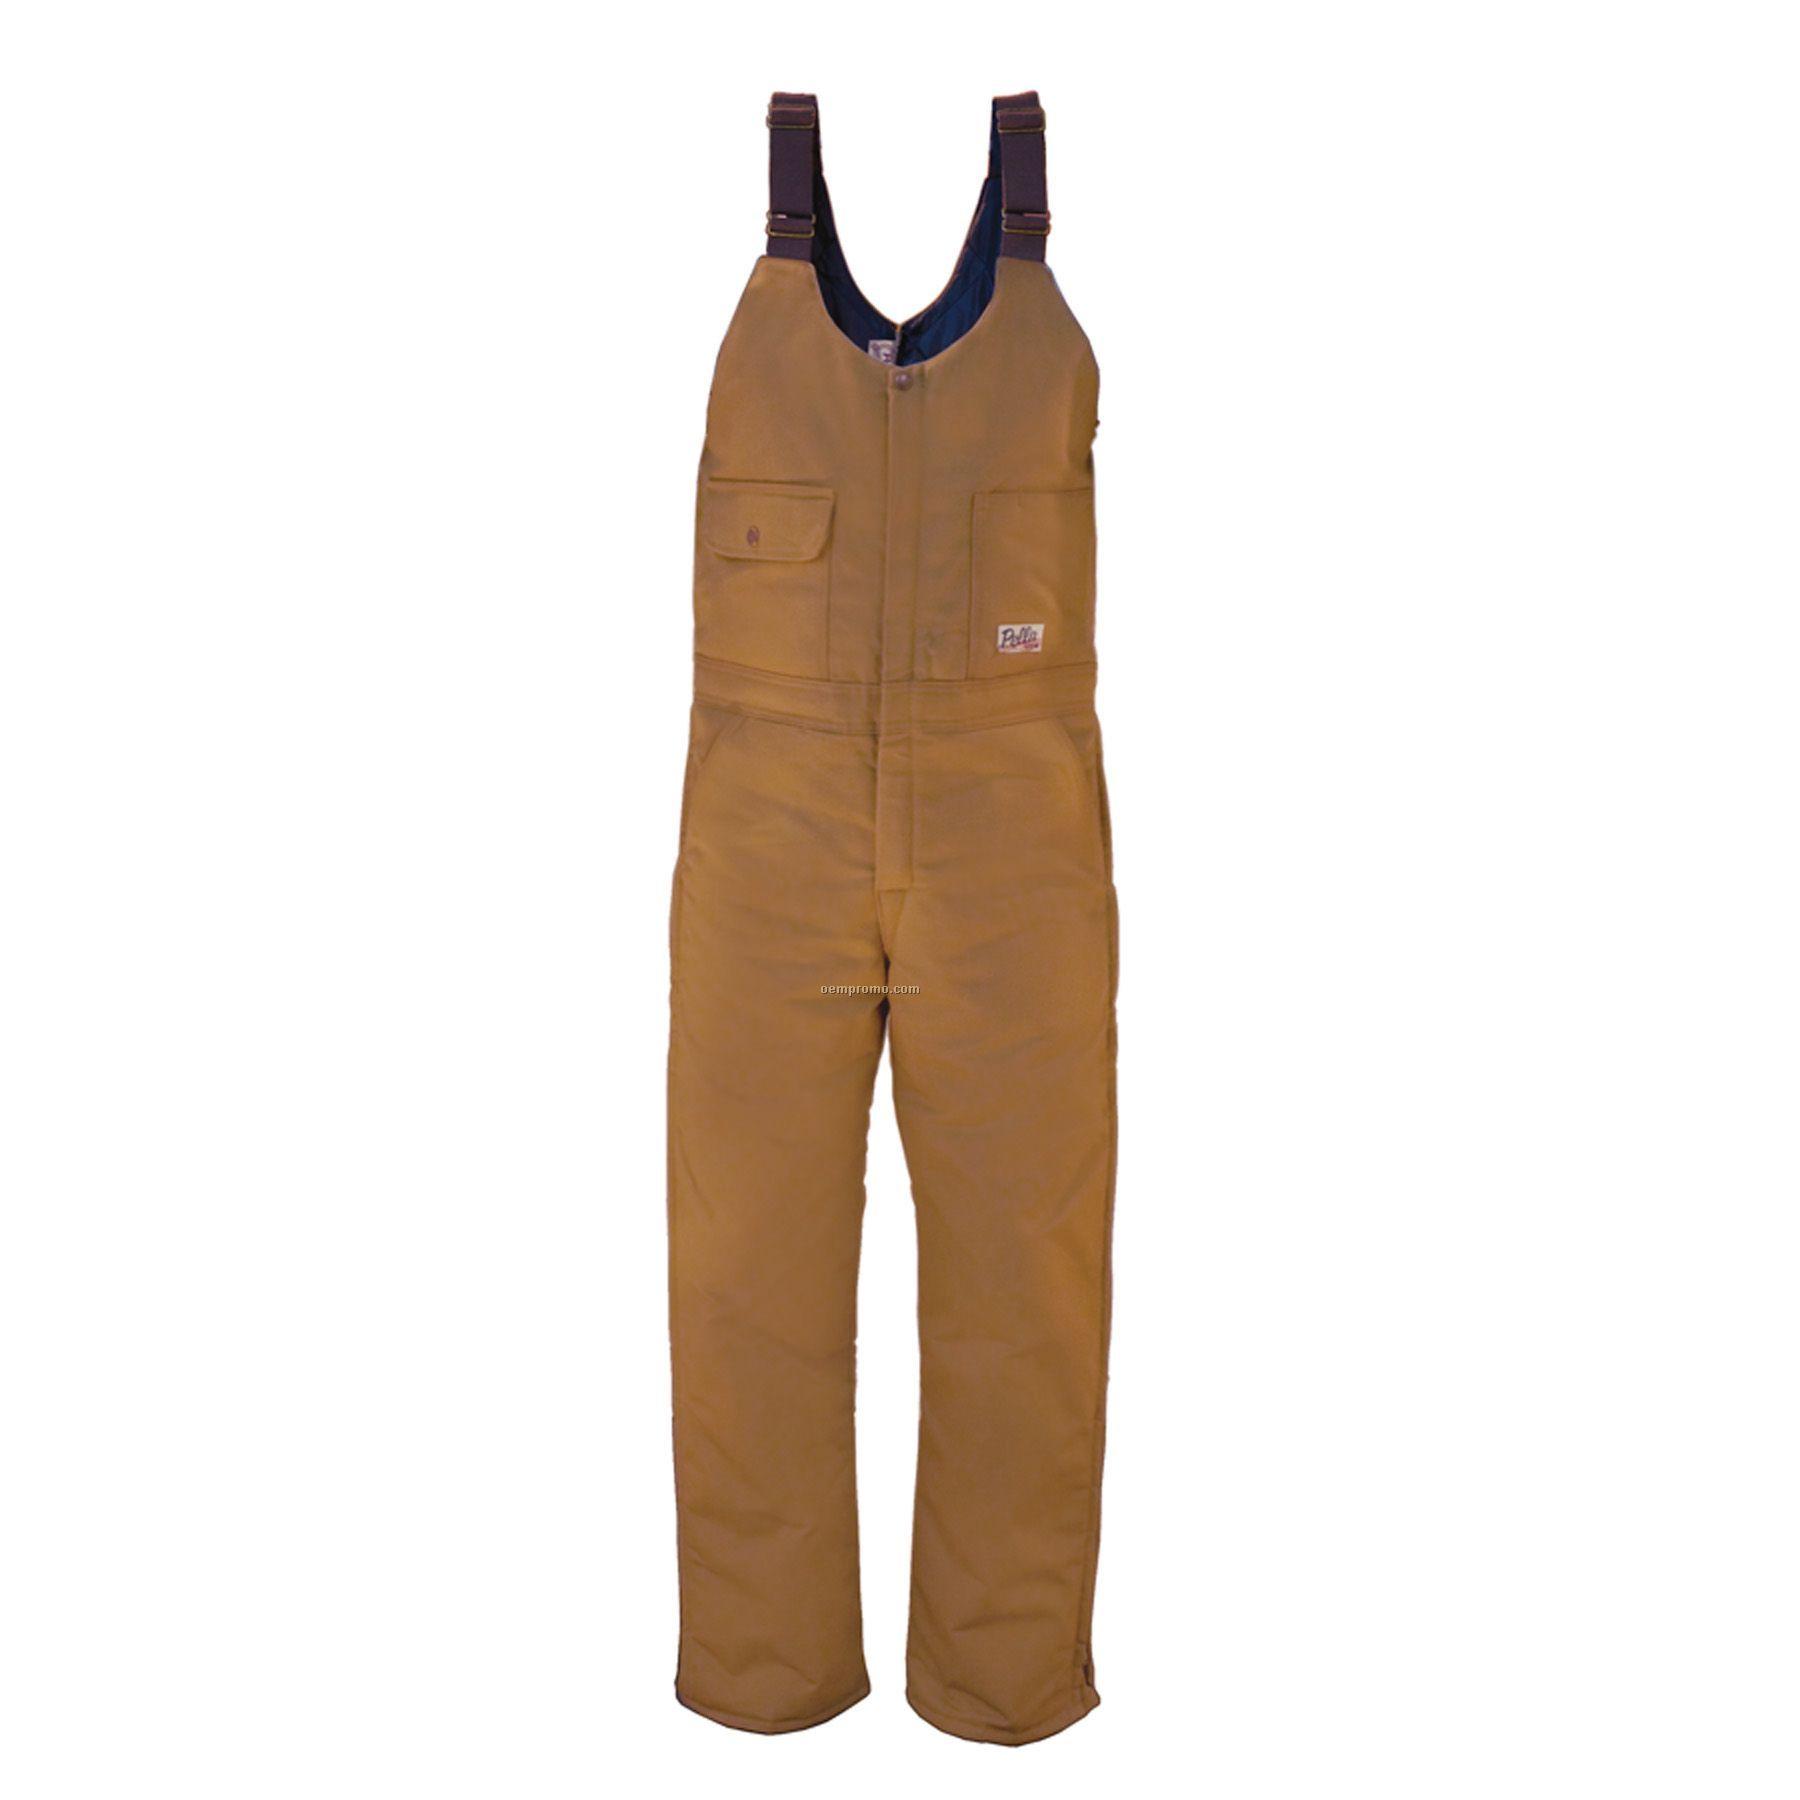 """12 Oz. Duck Bib Overall W/ Hip Length Zipper - 44"""" To 46"""" Waist"""